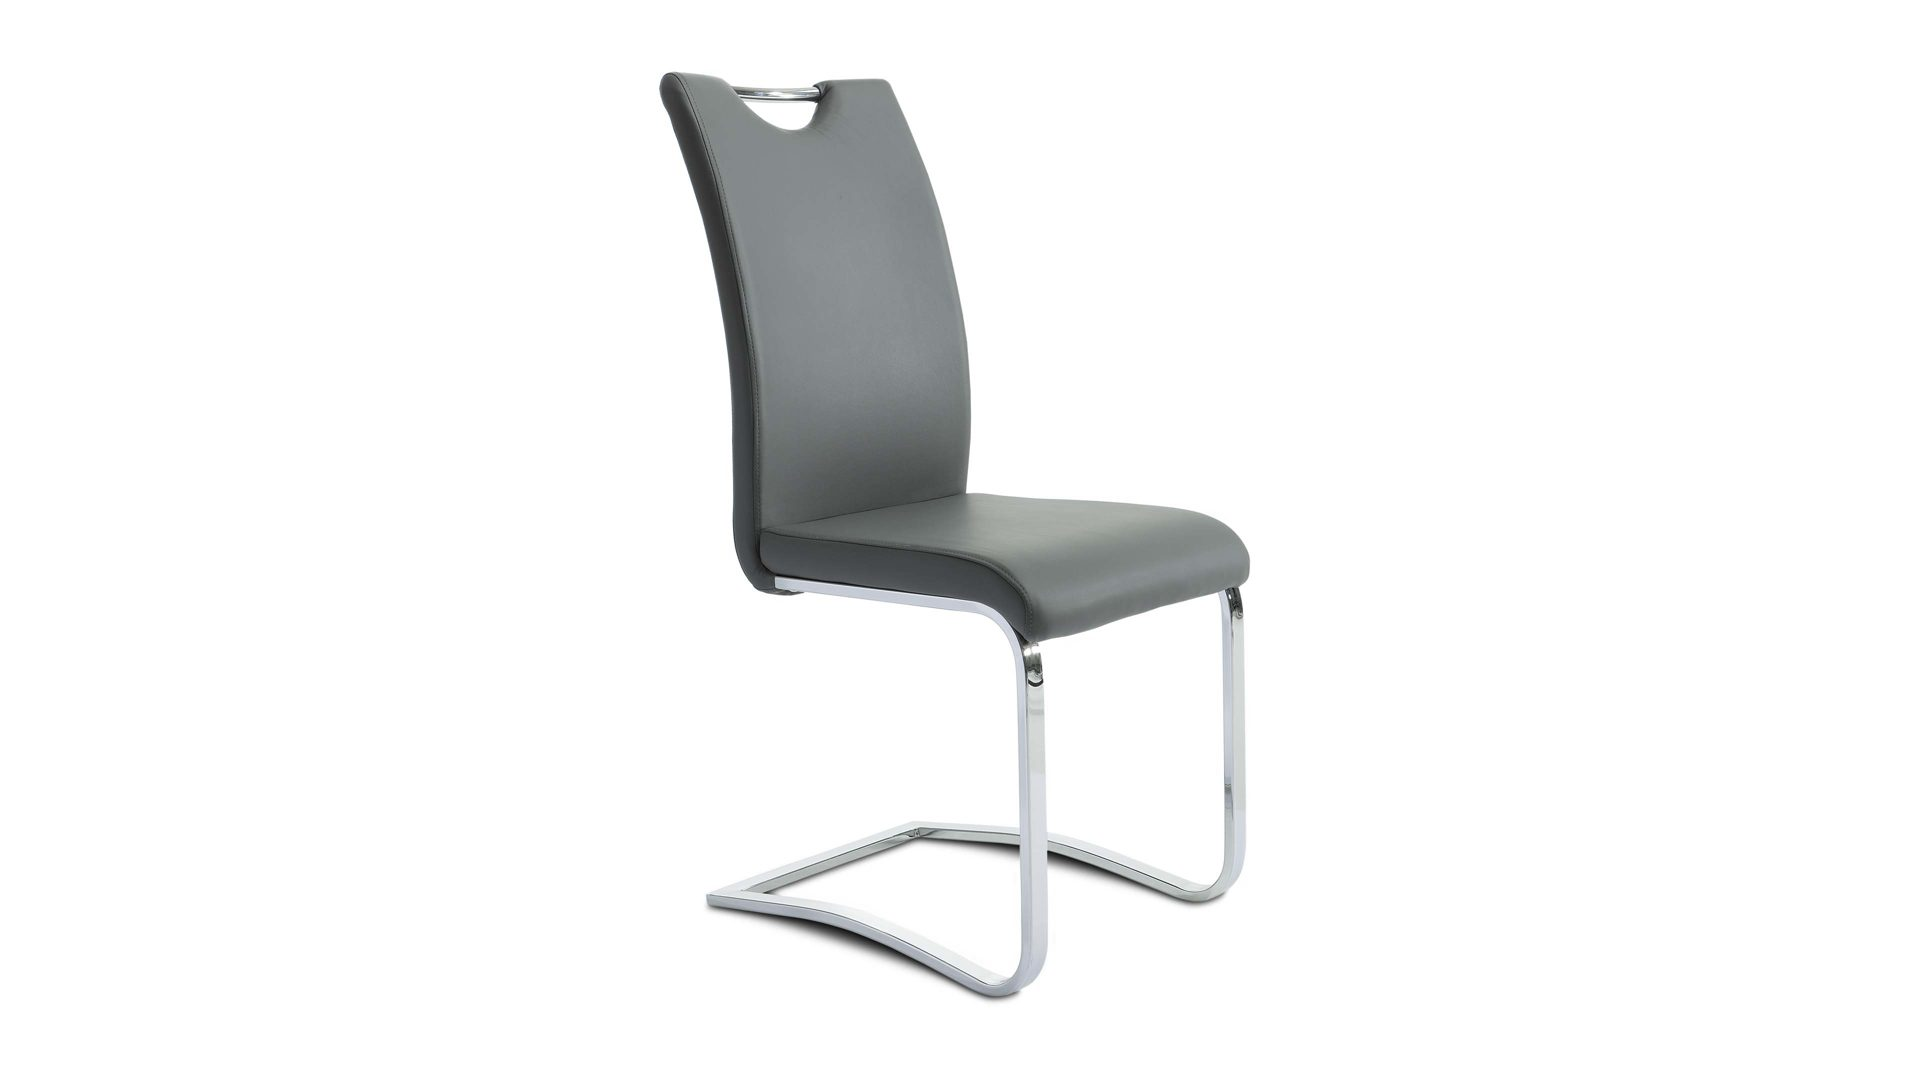 Freischwinger Sessel Mit Hocker Stuhle Esszimmerstuhle Esstisch